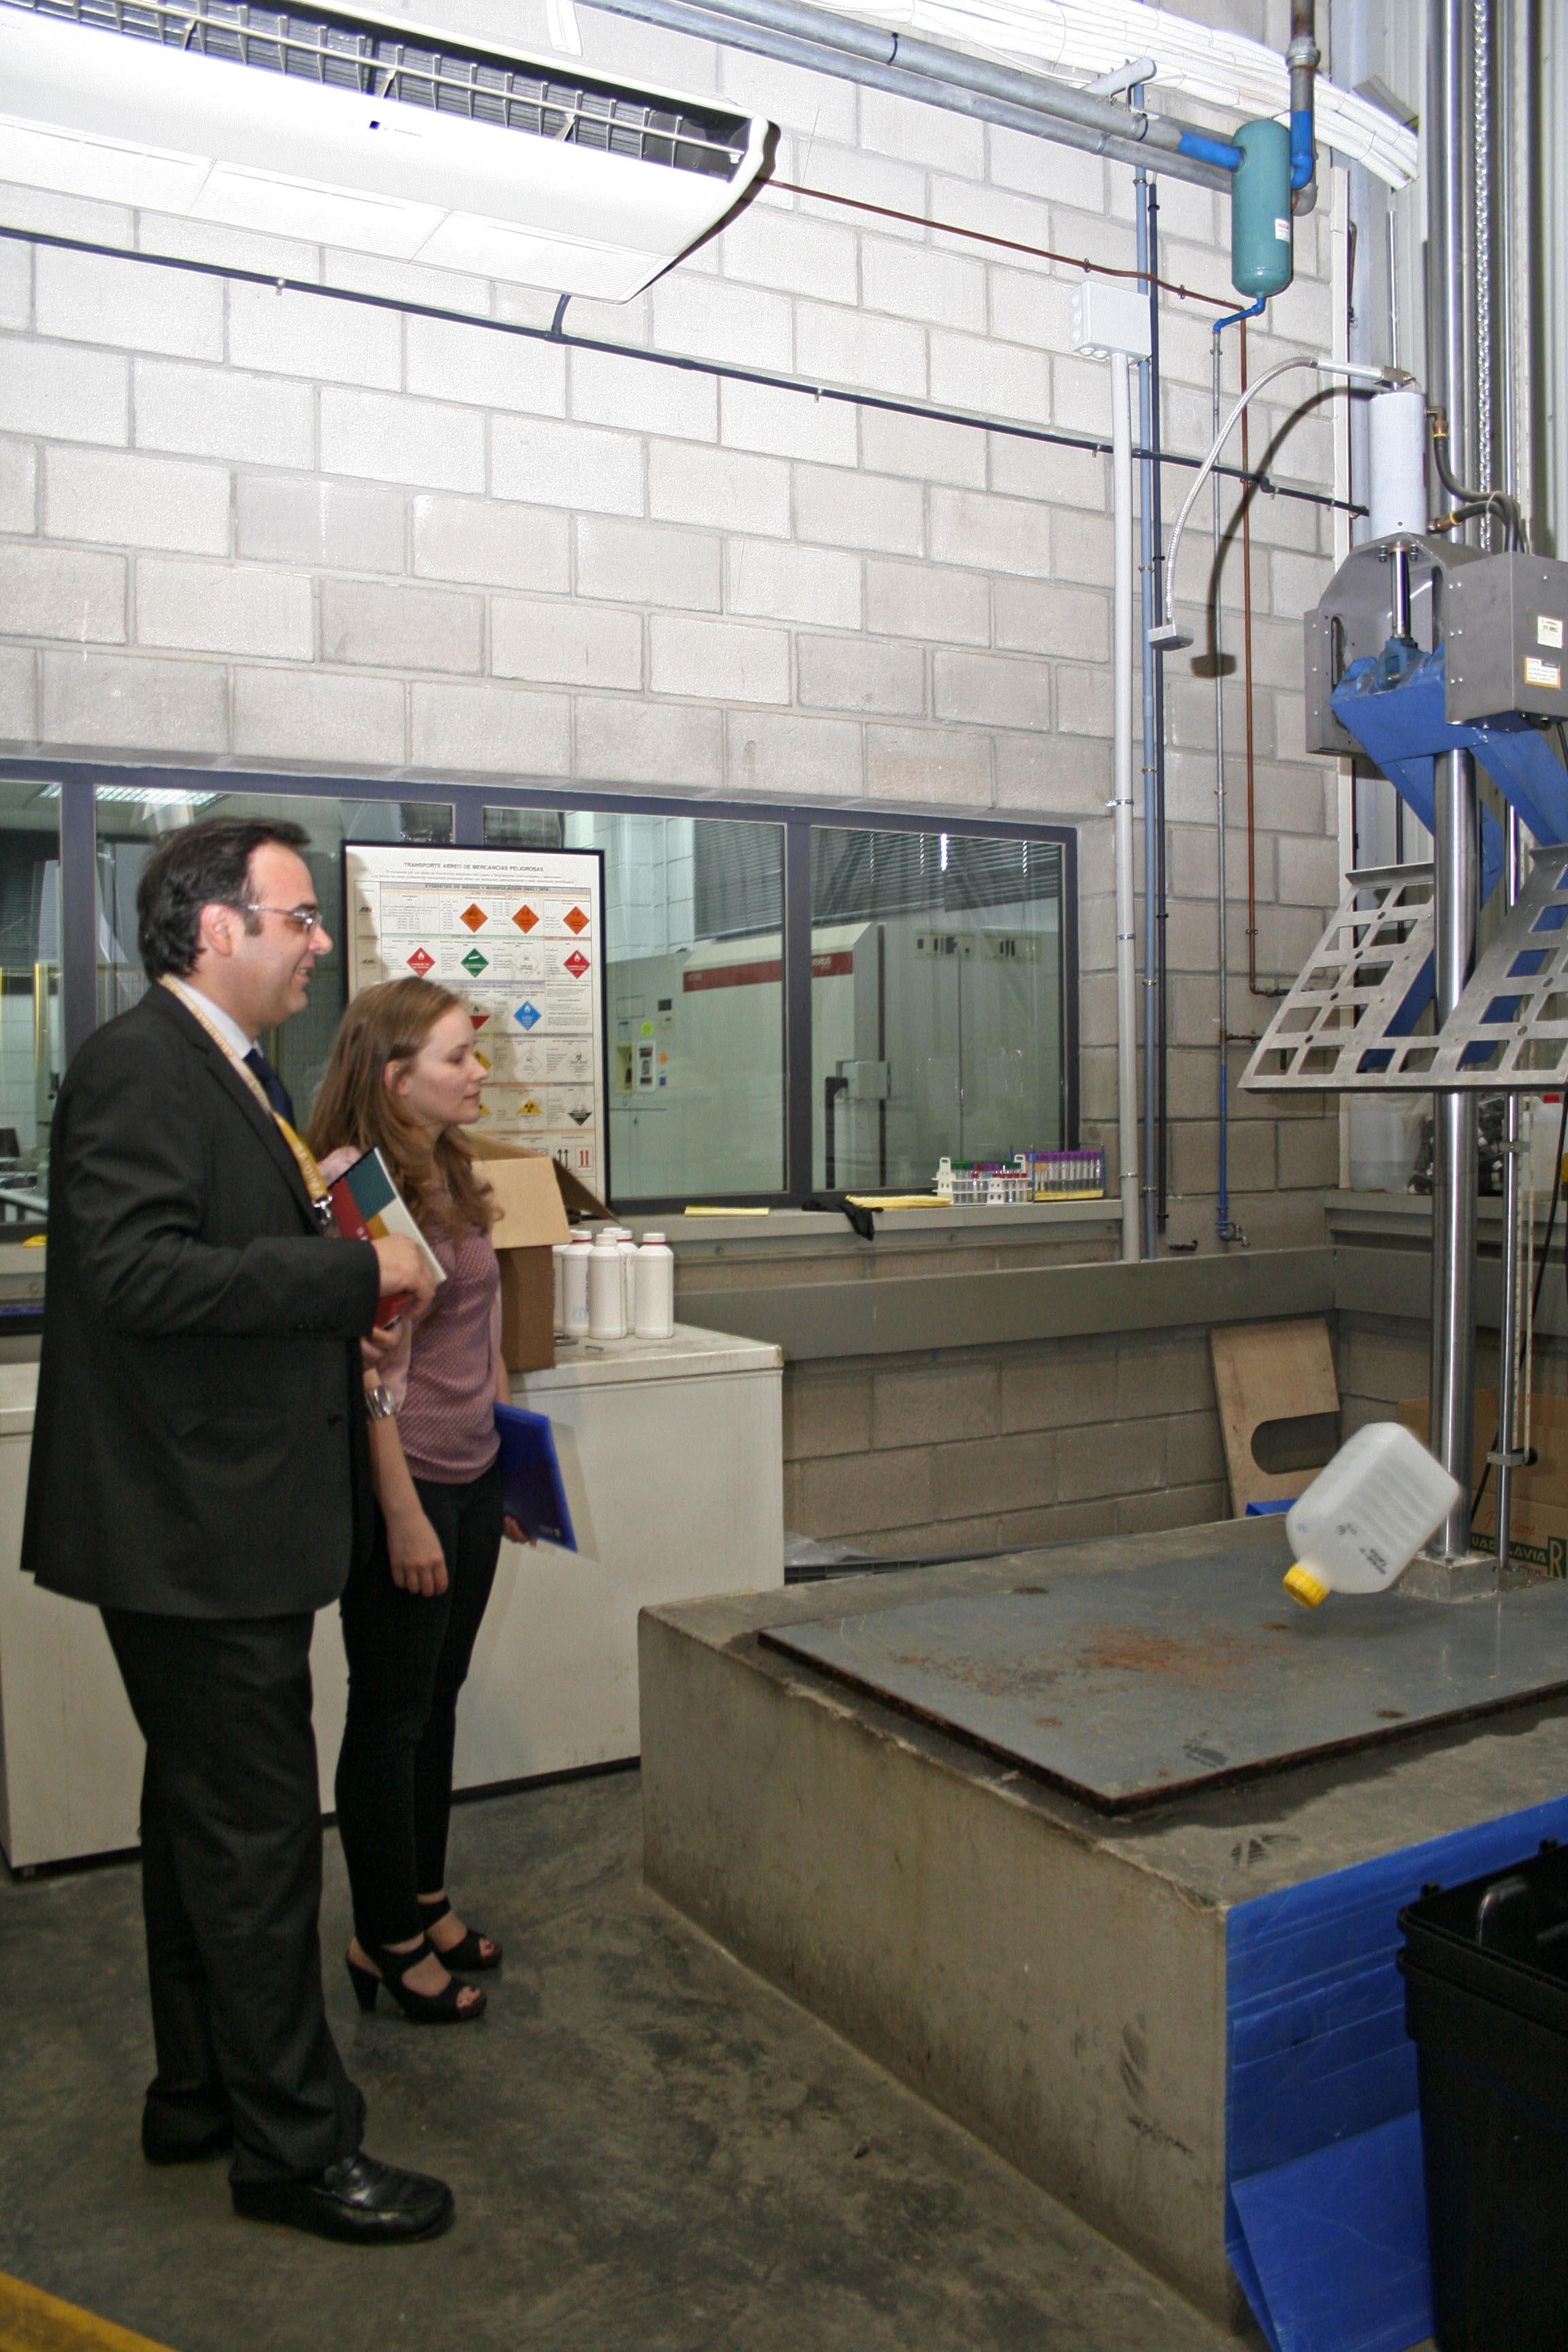 La asociación española fabricantes de productos de limpieza visita AIDIMA para mejorar la competitividad de las empresas del sector